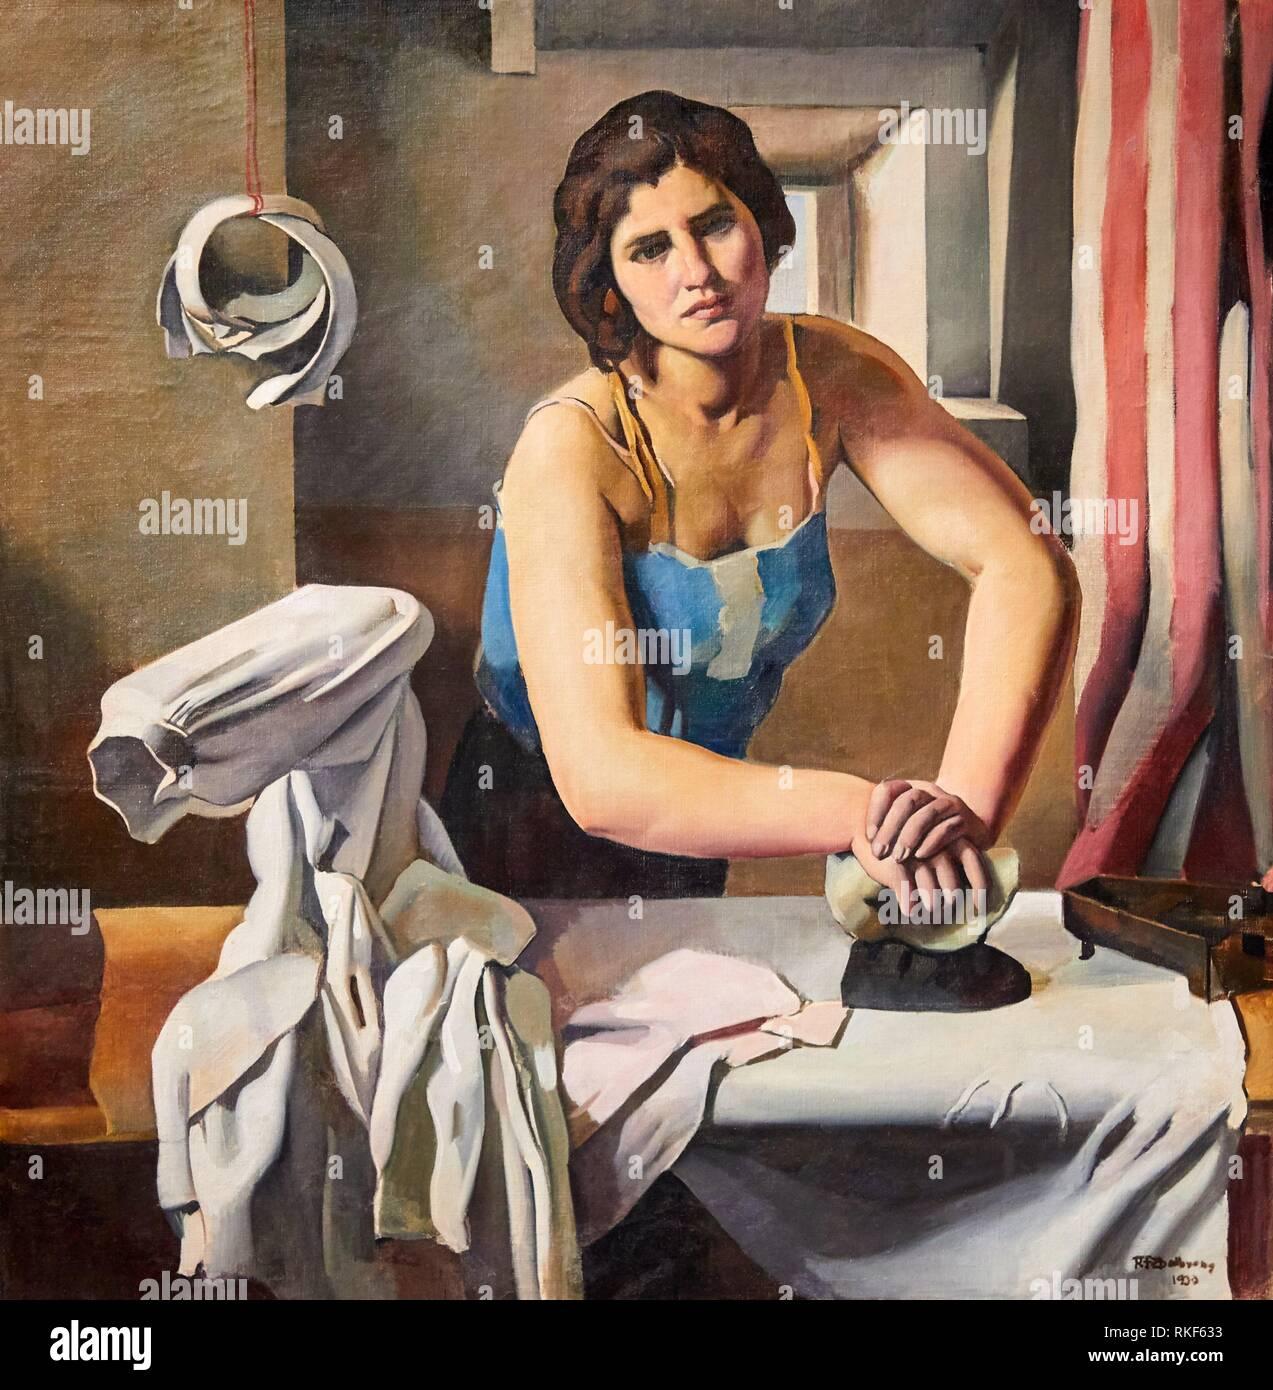 '''Woman Ironing'', 1930, Roberto Fernández Balbuena, National Museum of Catalan Art, Museu Nacional d Art de Catalunya, MNAC, Barcelona, Spain, - Stock Image